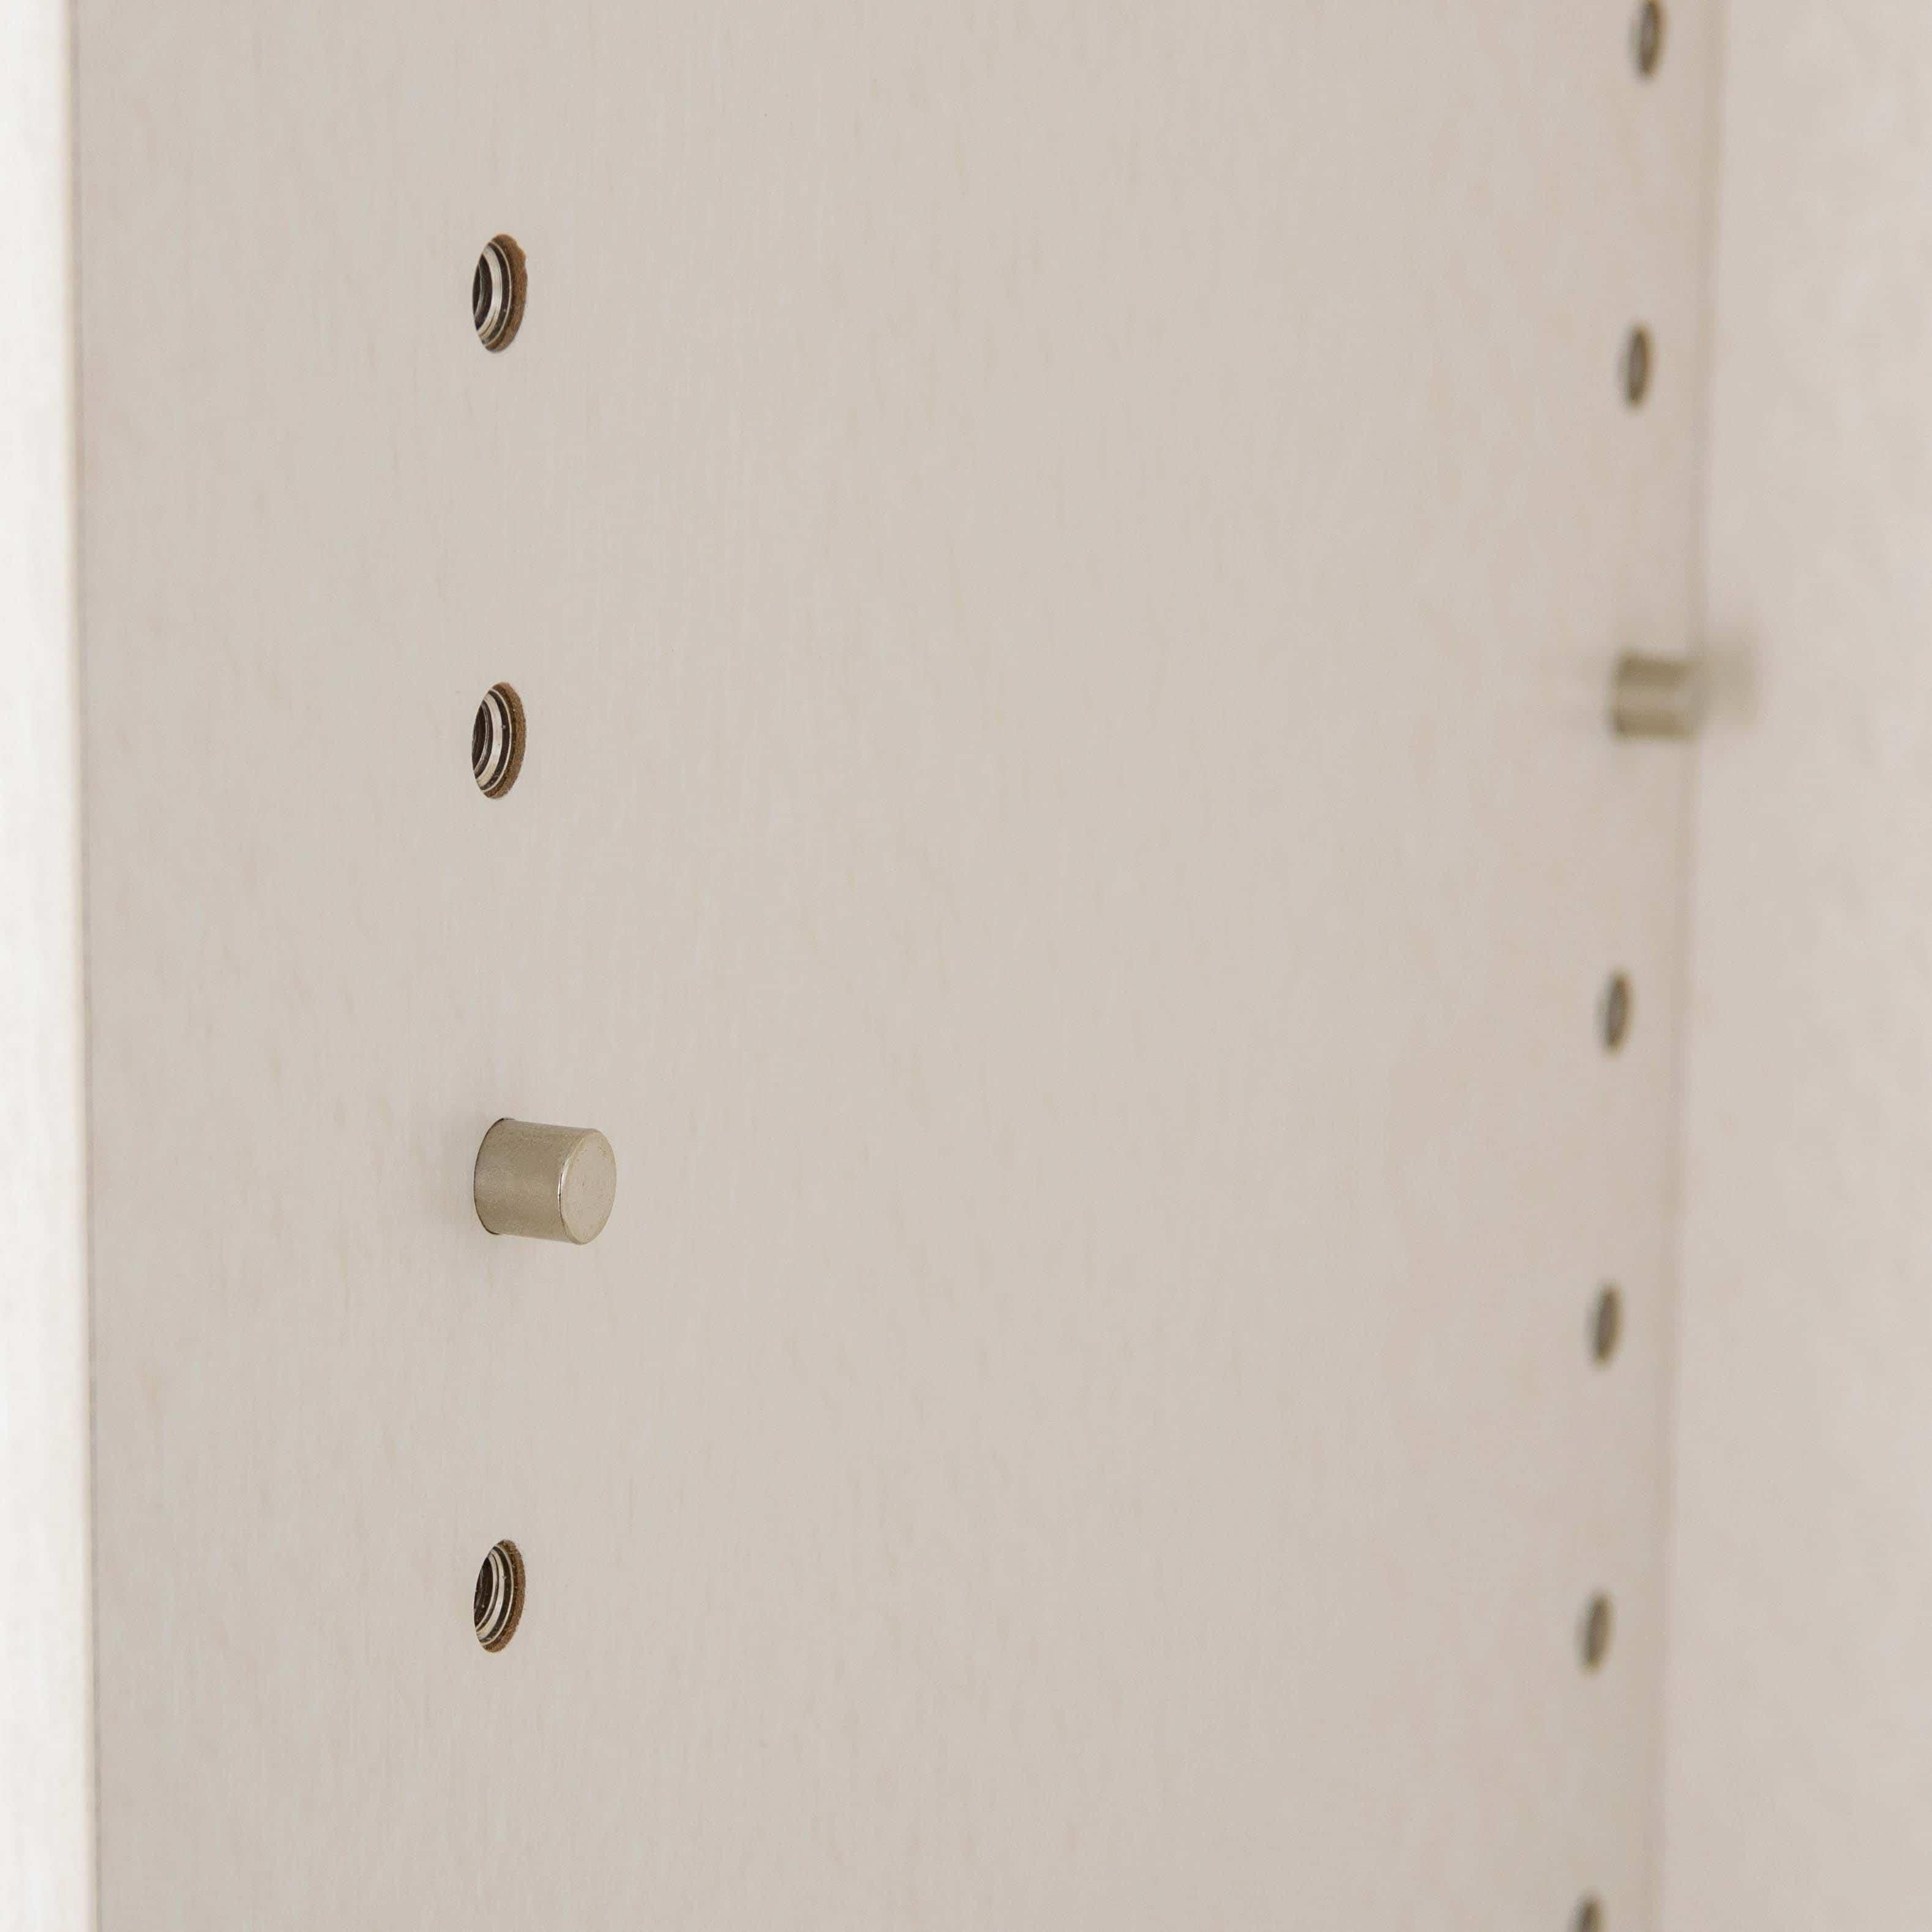 小島工芸 上置 アコード85A(ホワイト):キレイに収まる魅せる収納